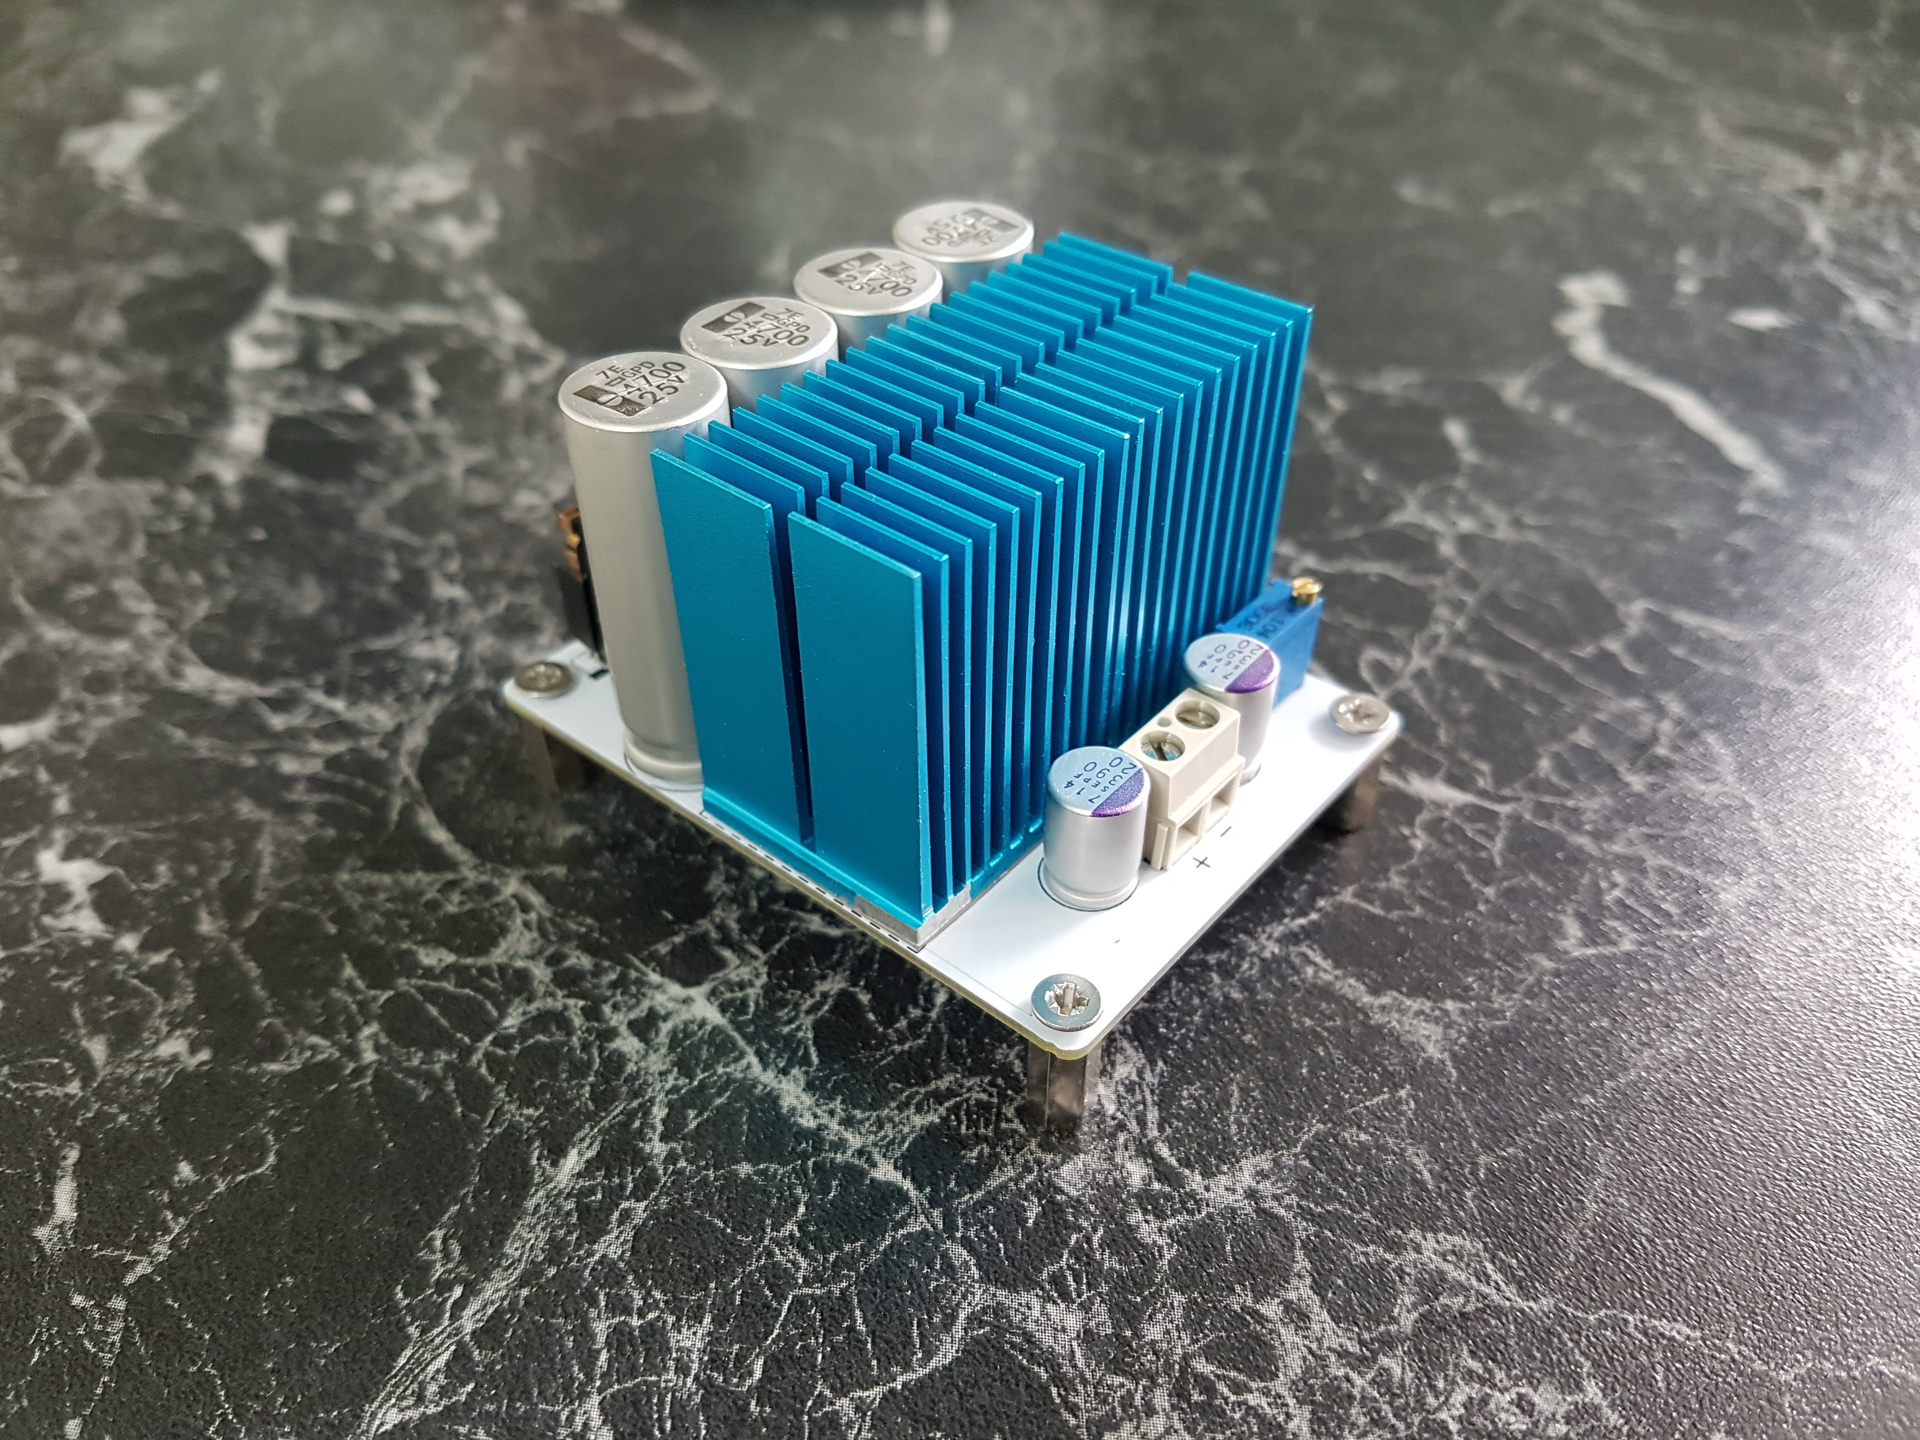 Wireworld Matrix - Wireworld MATRIX 2 power strip - maPlatine.com